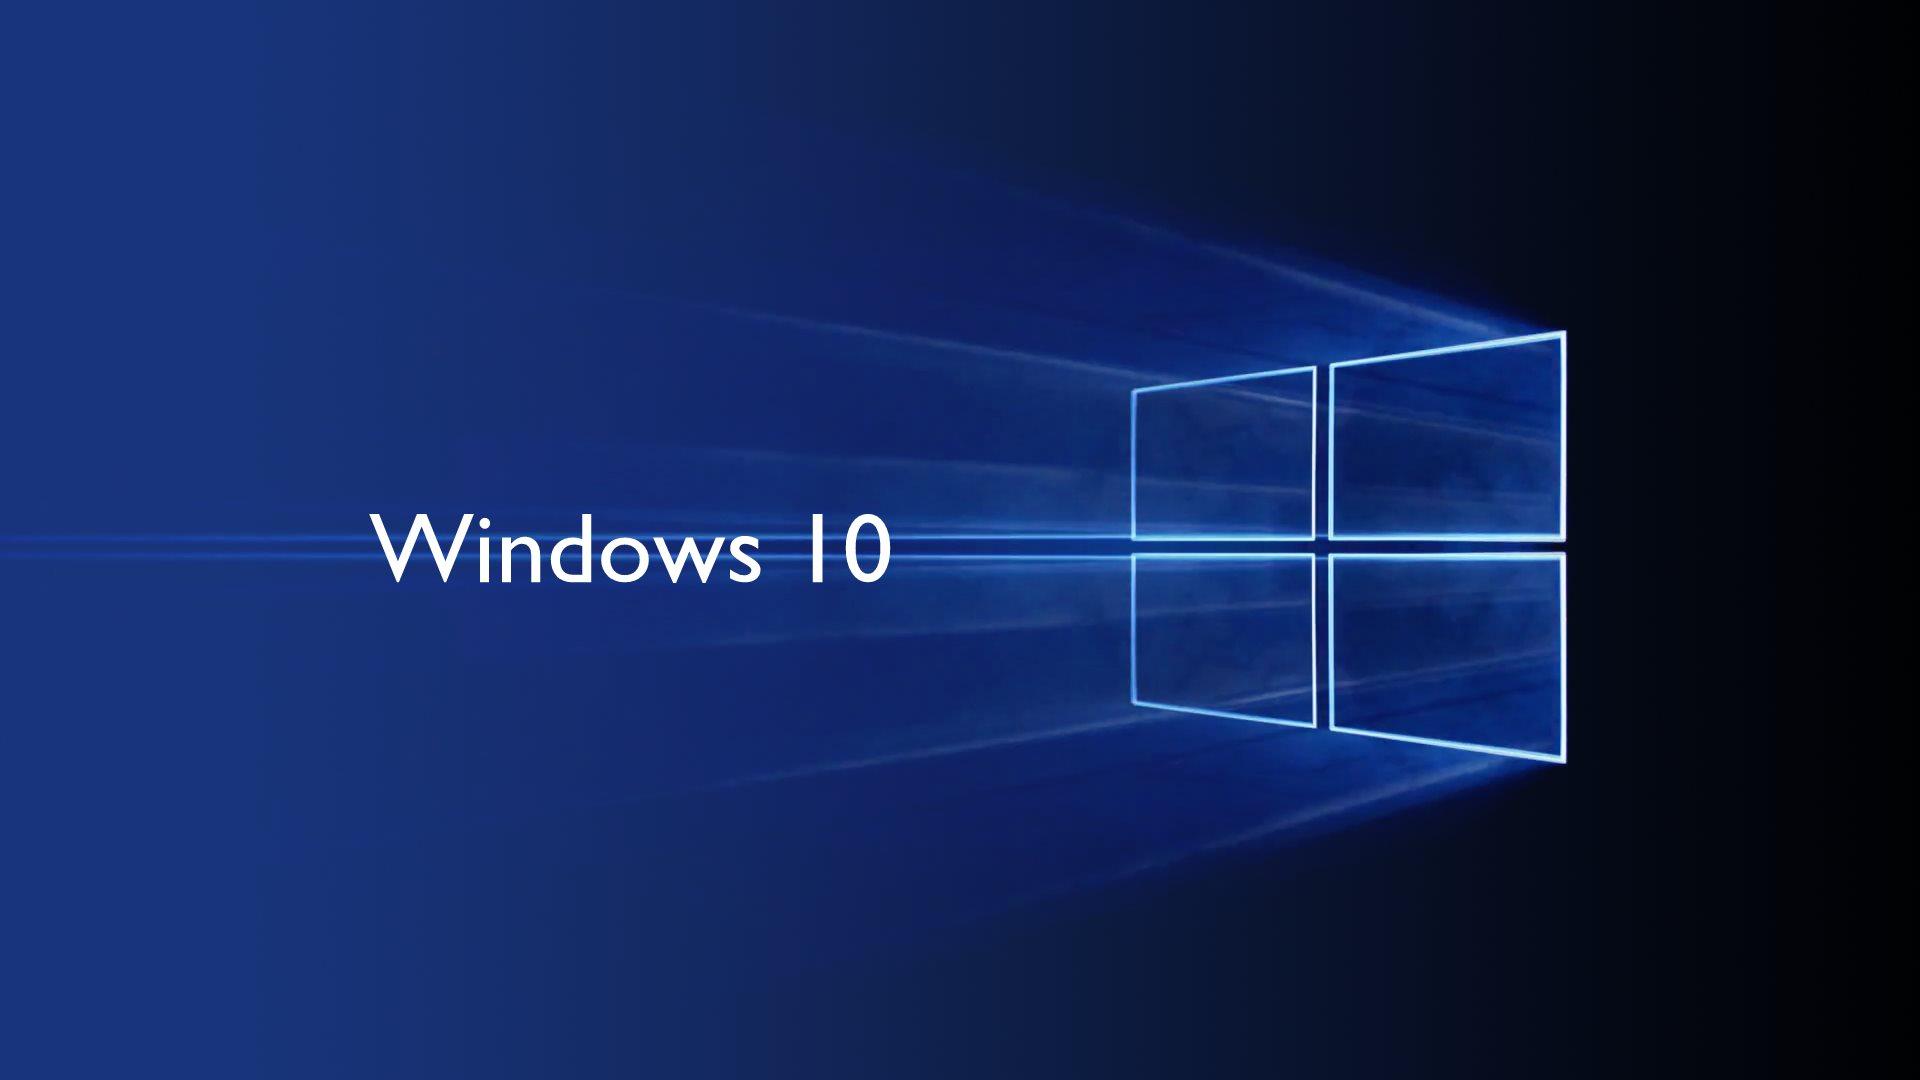 windows 10 da stereo mix ayarları